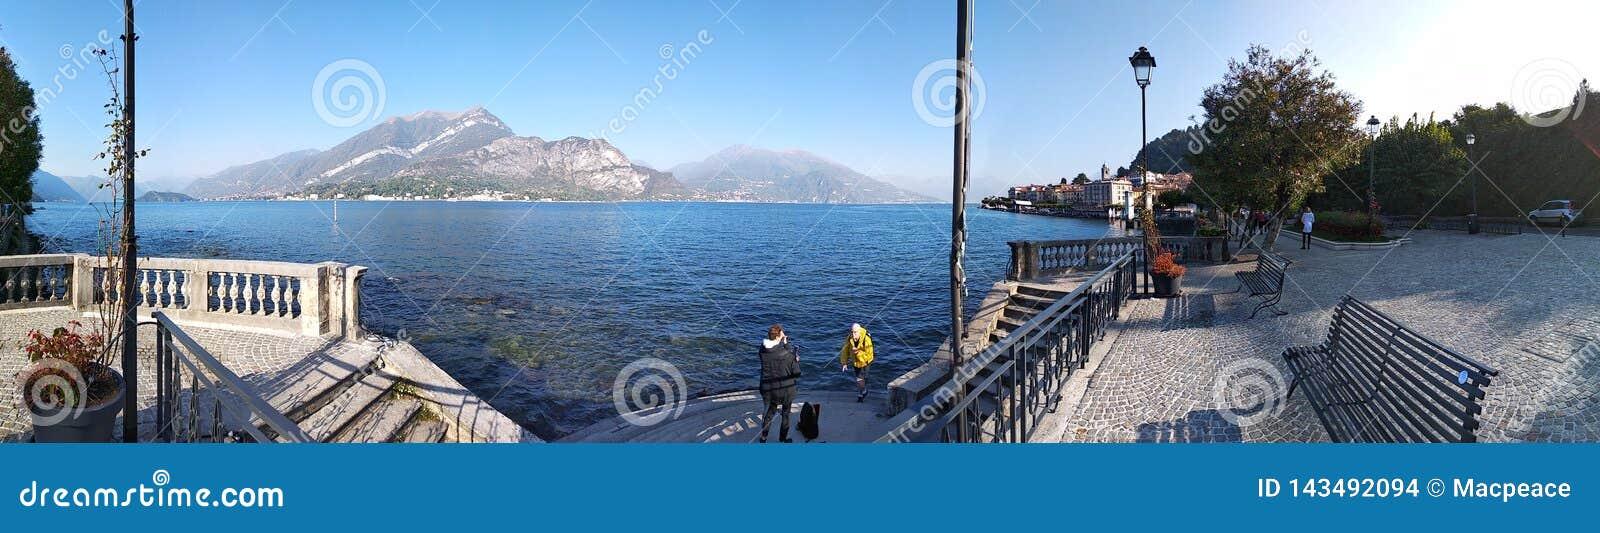 Lago Italia del norte Como